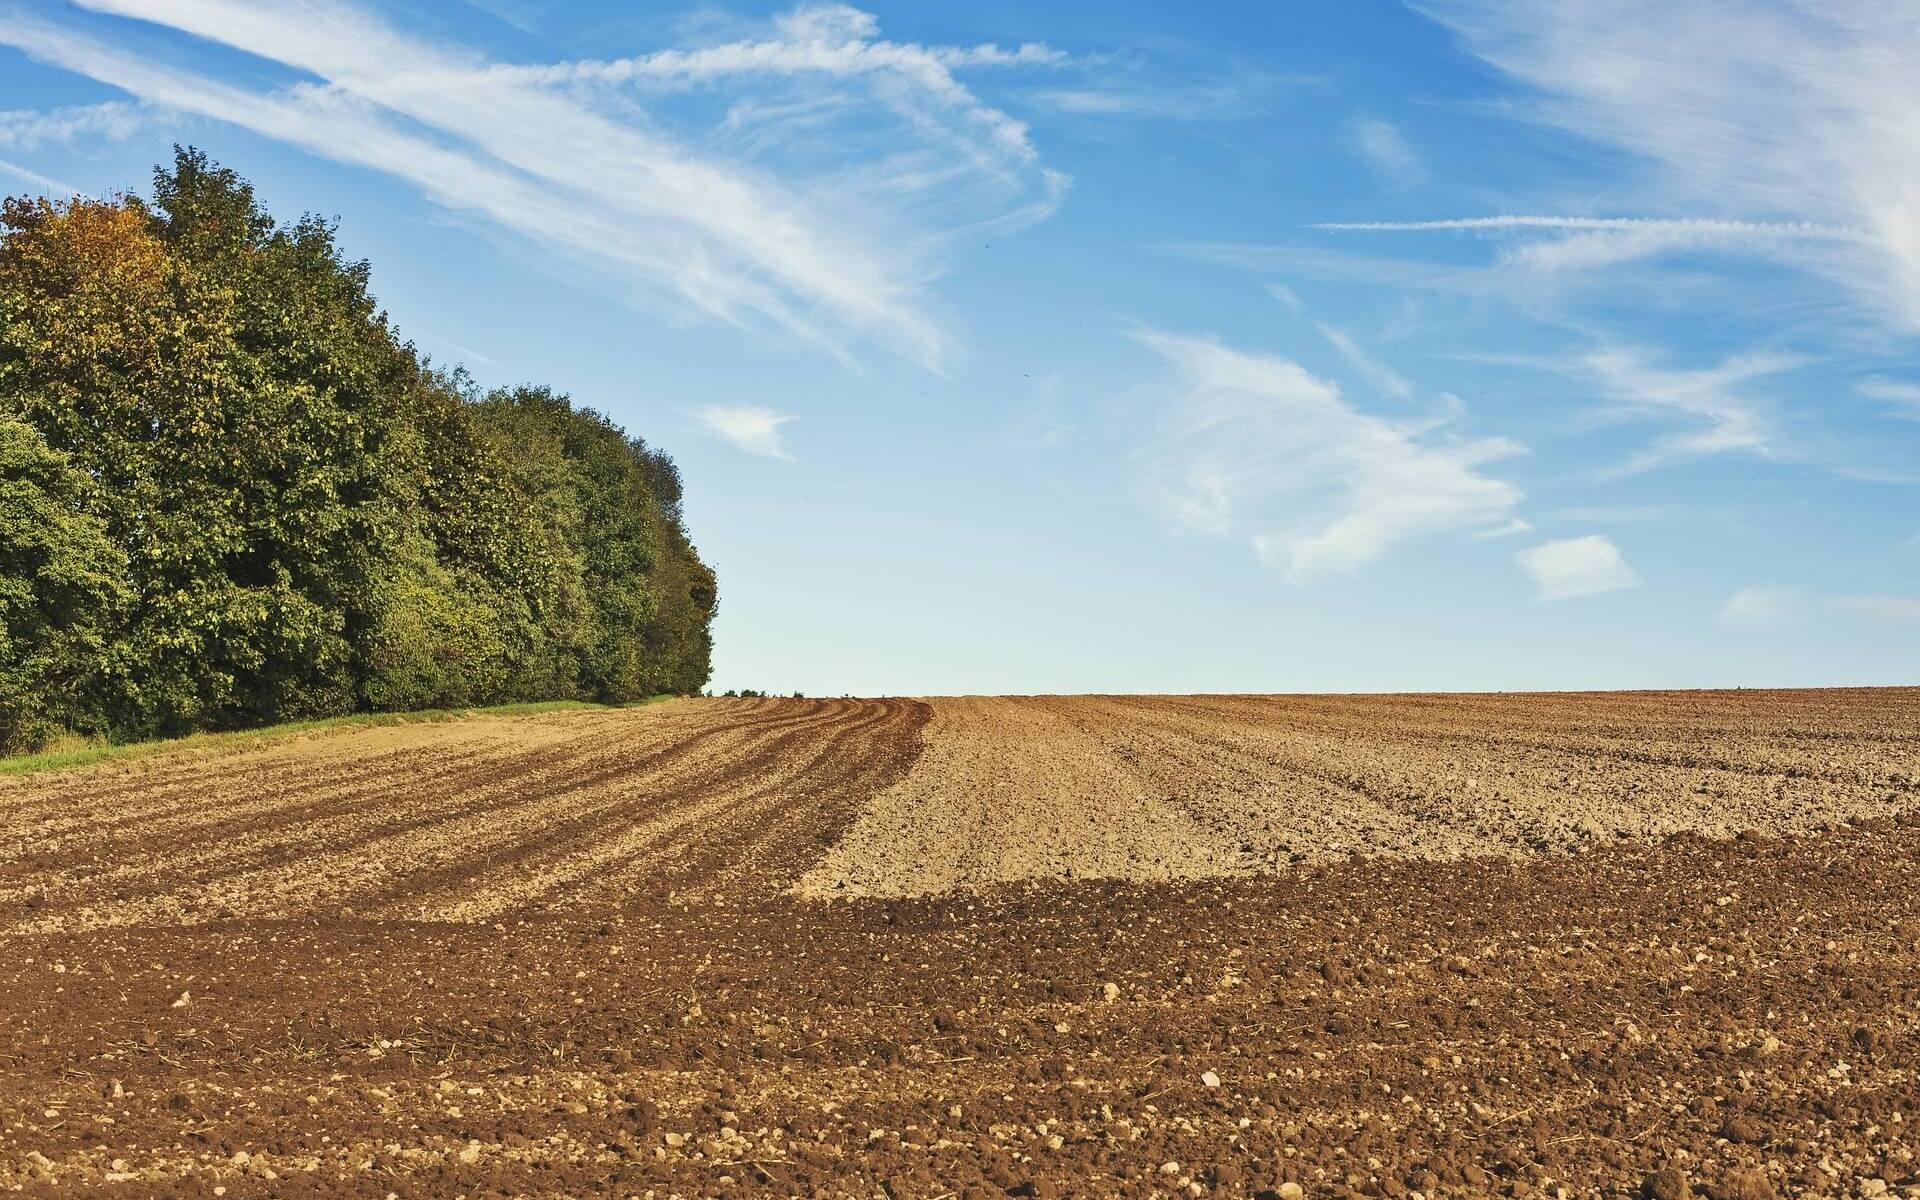 """Symbolbild """"Ein guter Anfang genügt nicht! - Das vierfache Ackerfeld"""": Aufnahme eines Ackers am Waldrand"""